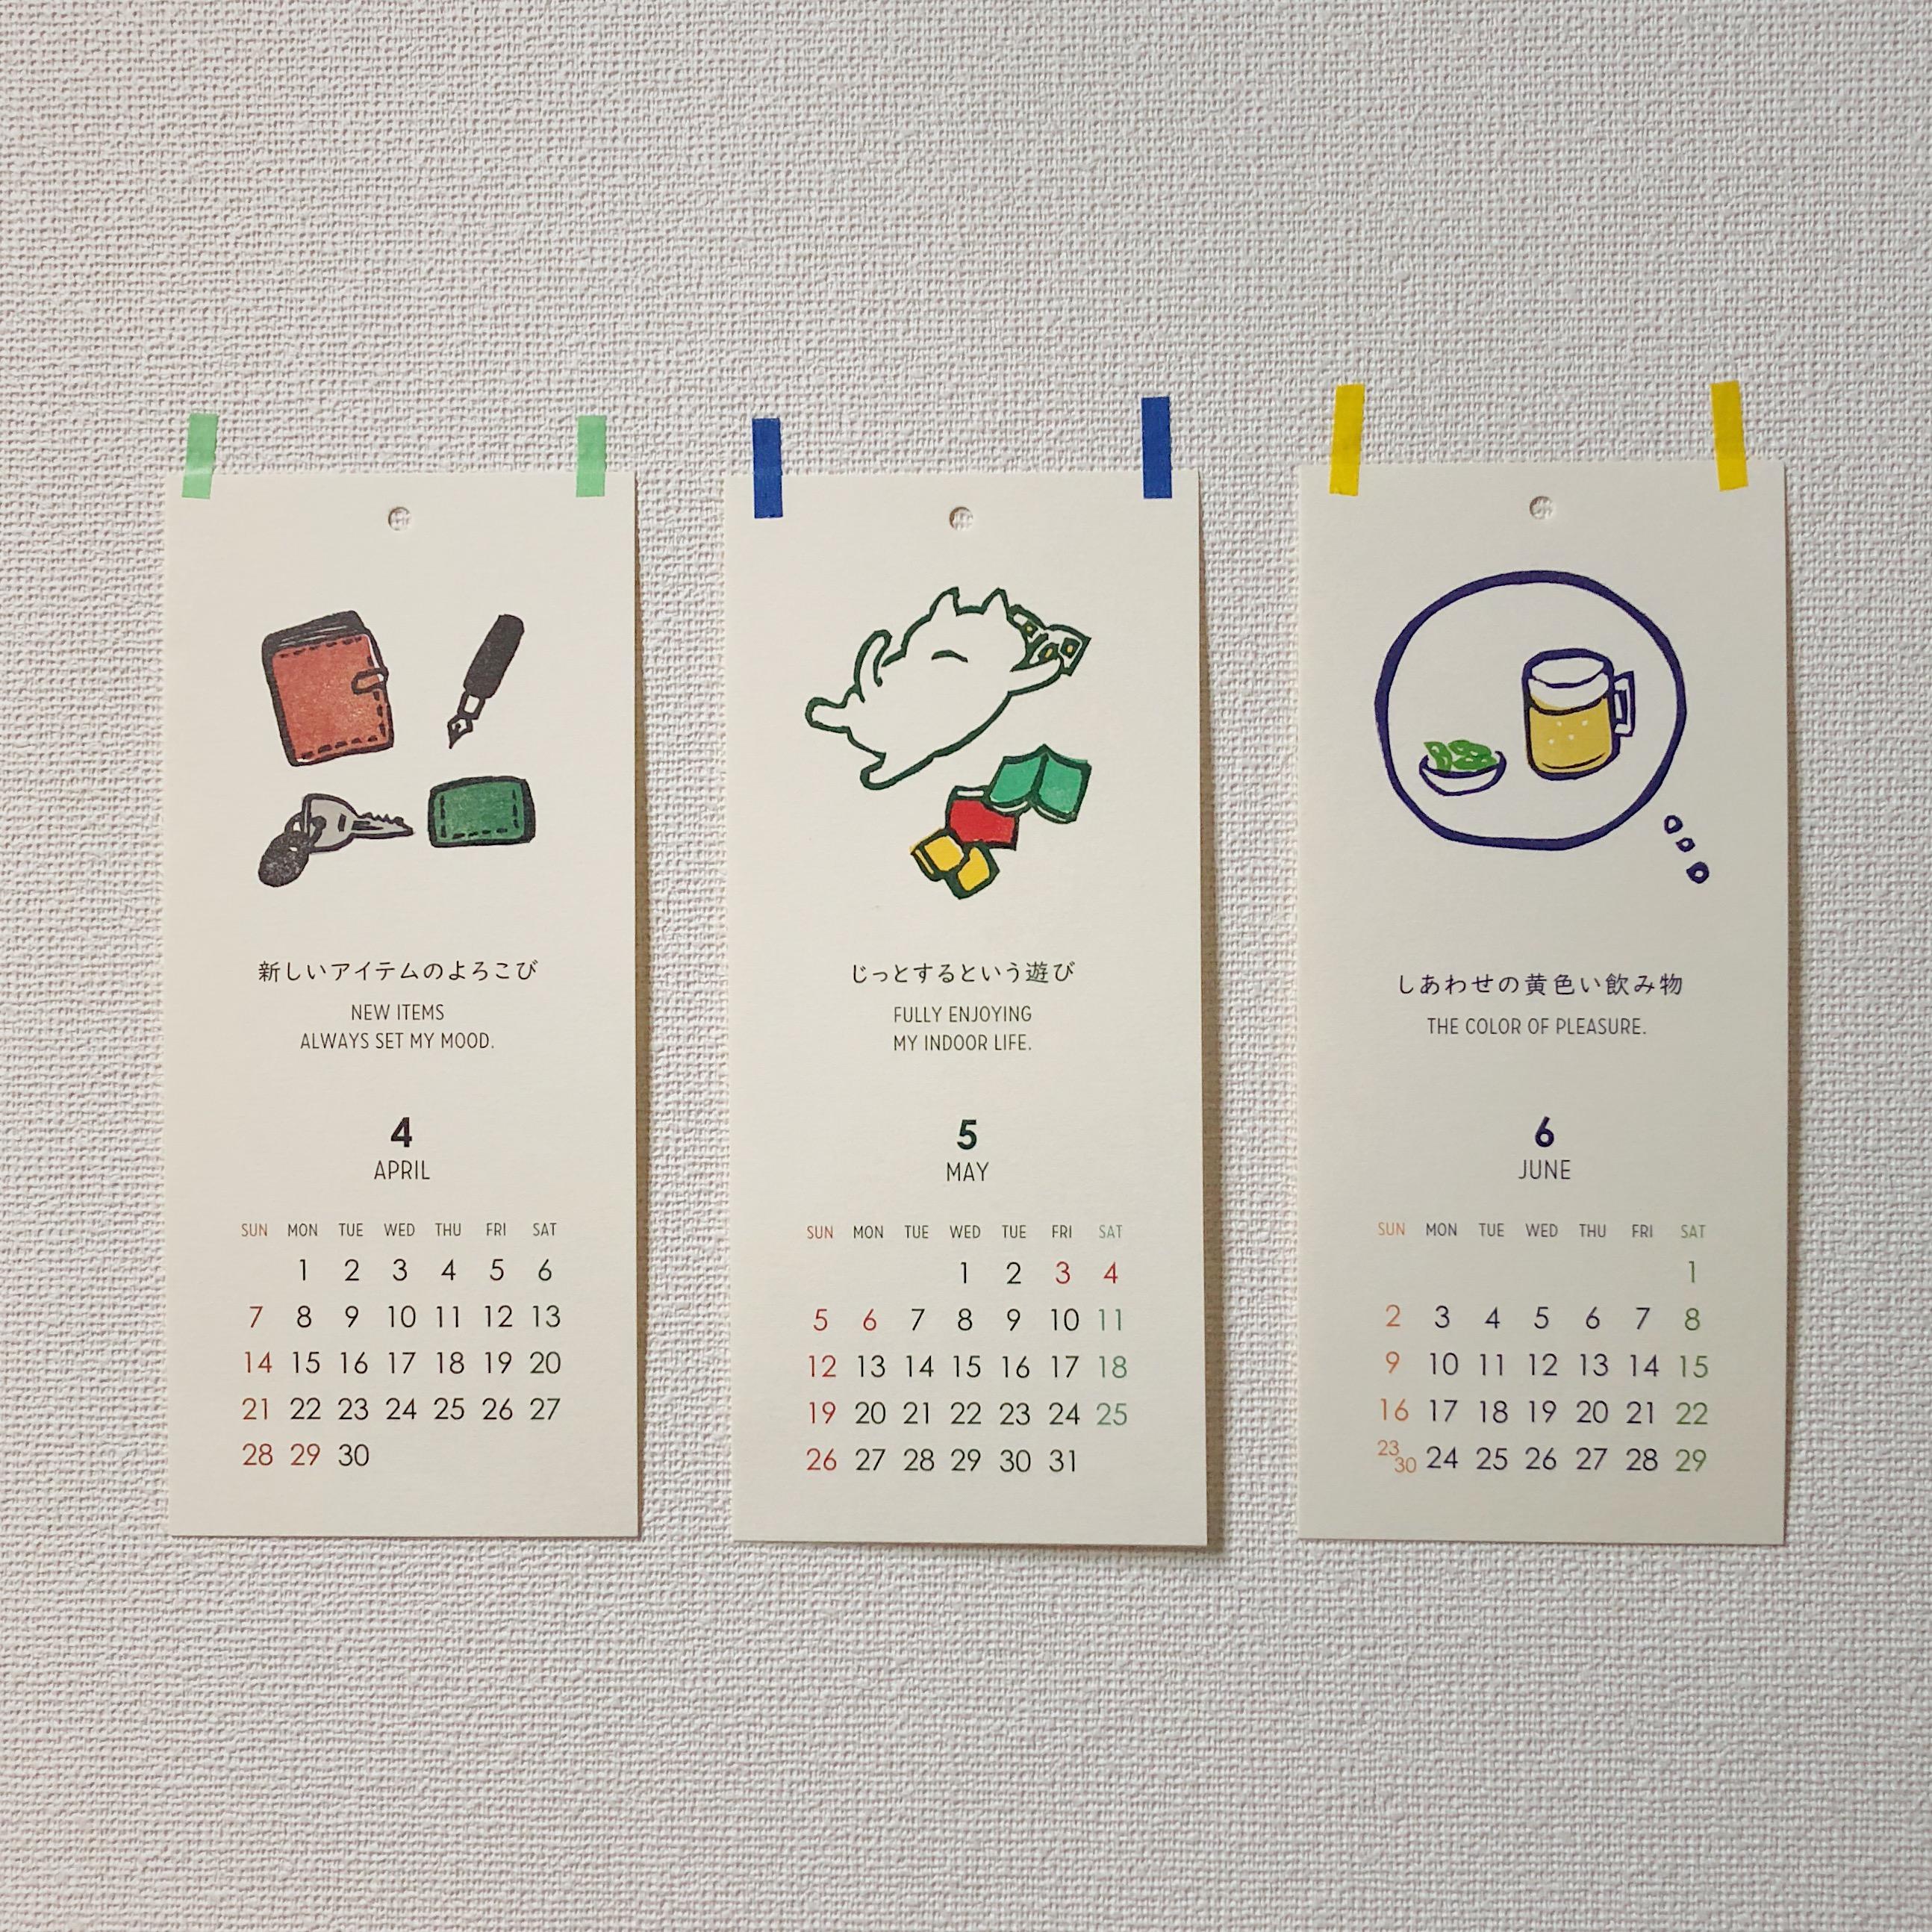 テープや画鋲などで壁に直接貼っても、